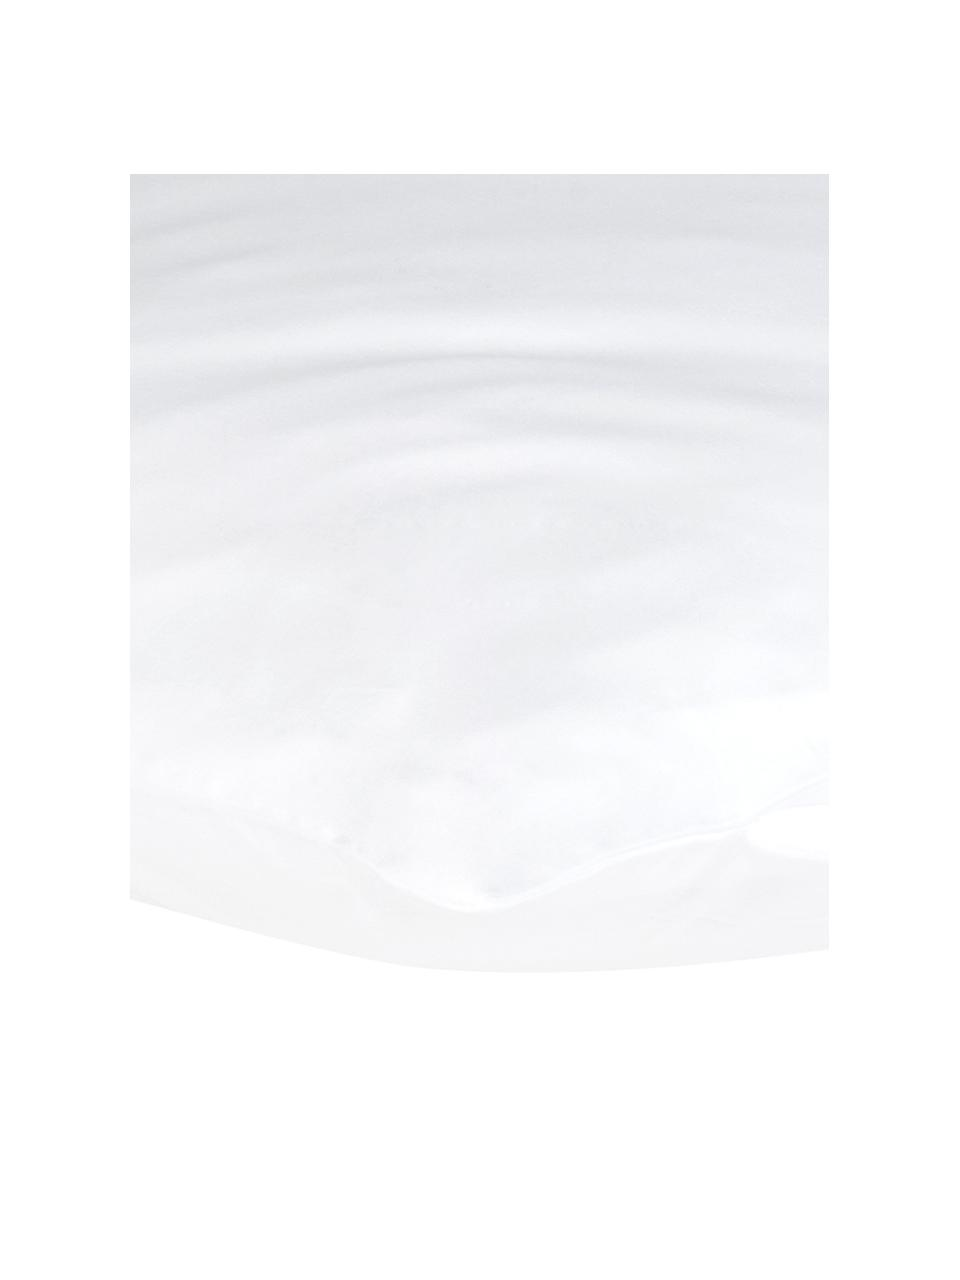 Baumwollsatin-Kopfkissenbezüge Comfort in Weiß, 2 Stück, Webart: Satin Fadendichte 250 TC,, Weiß, 40 x 80 cm